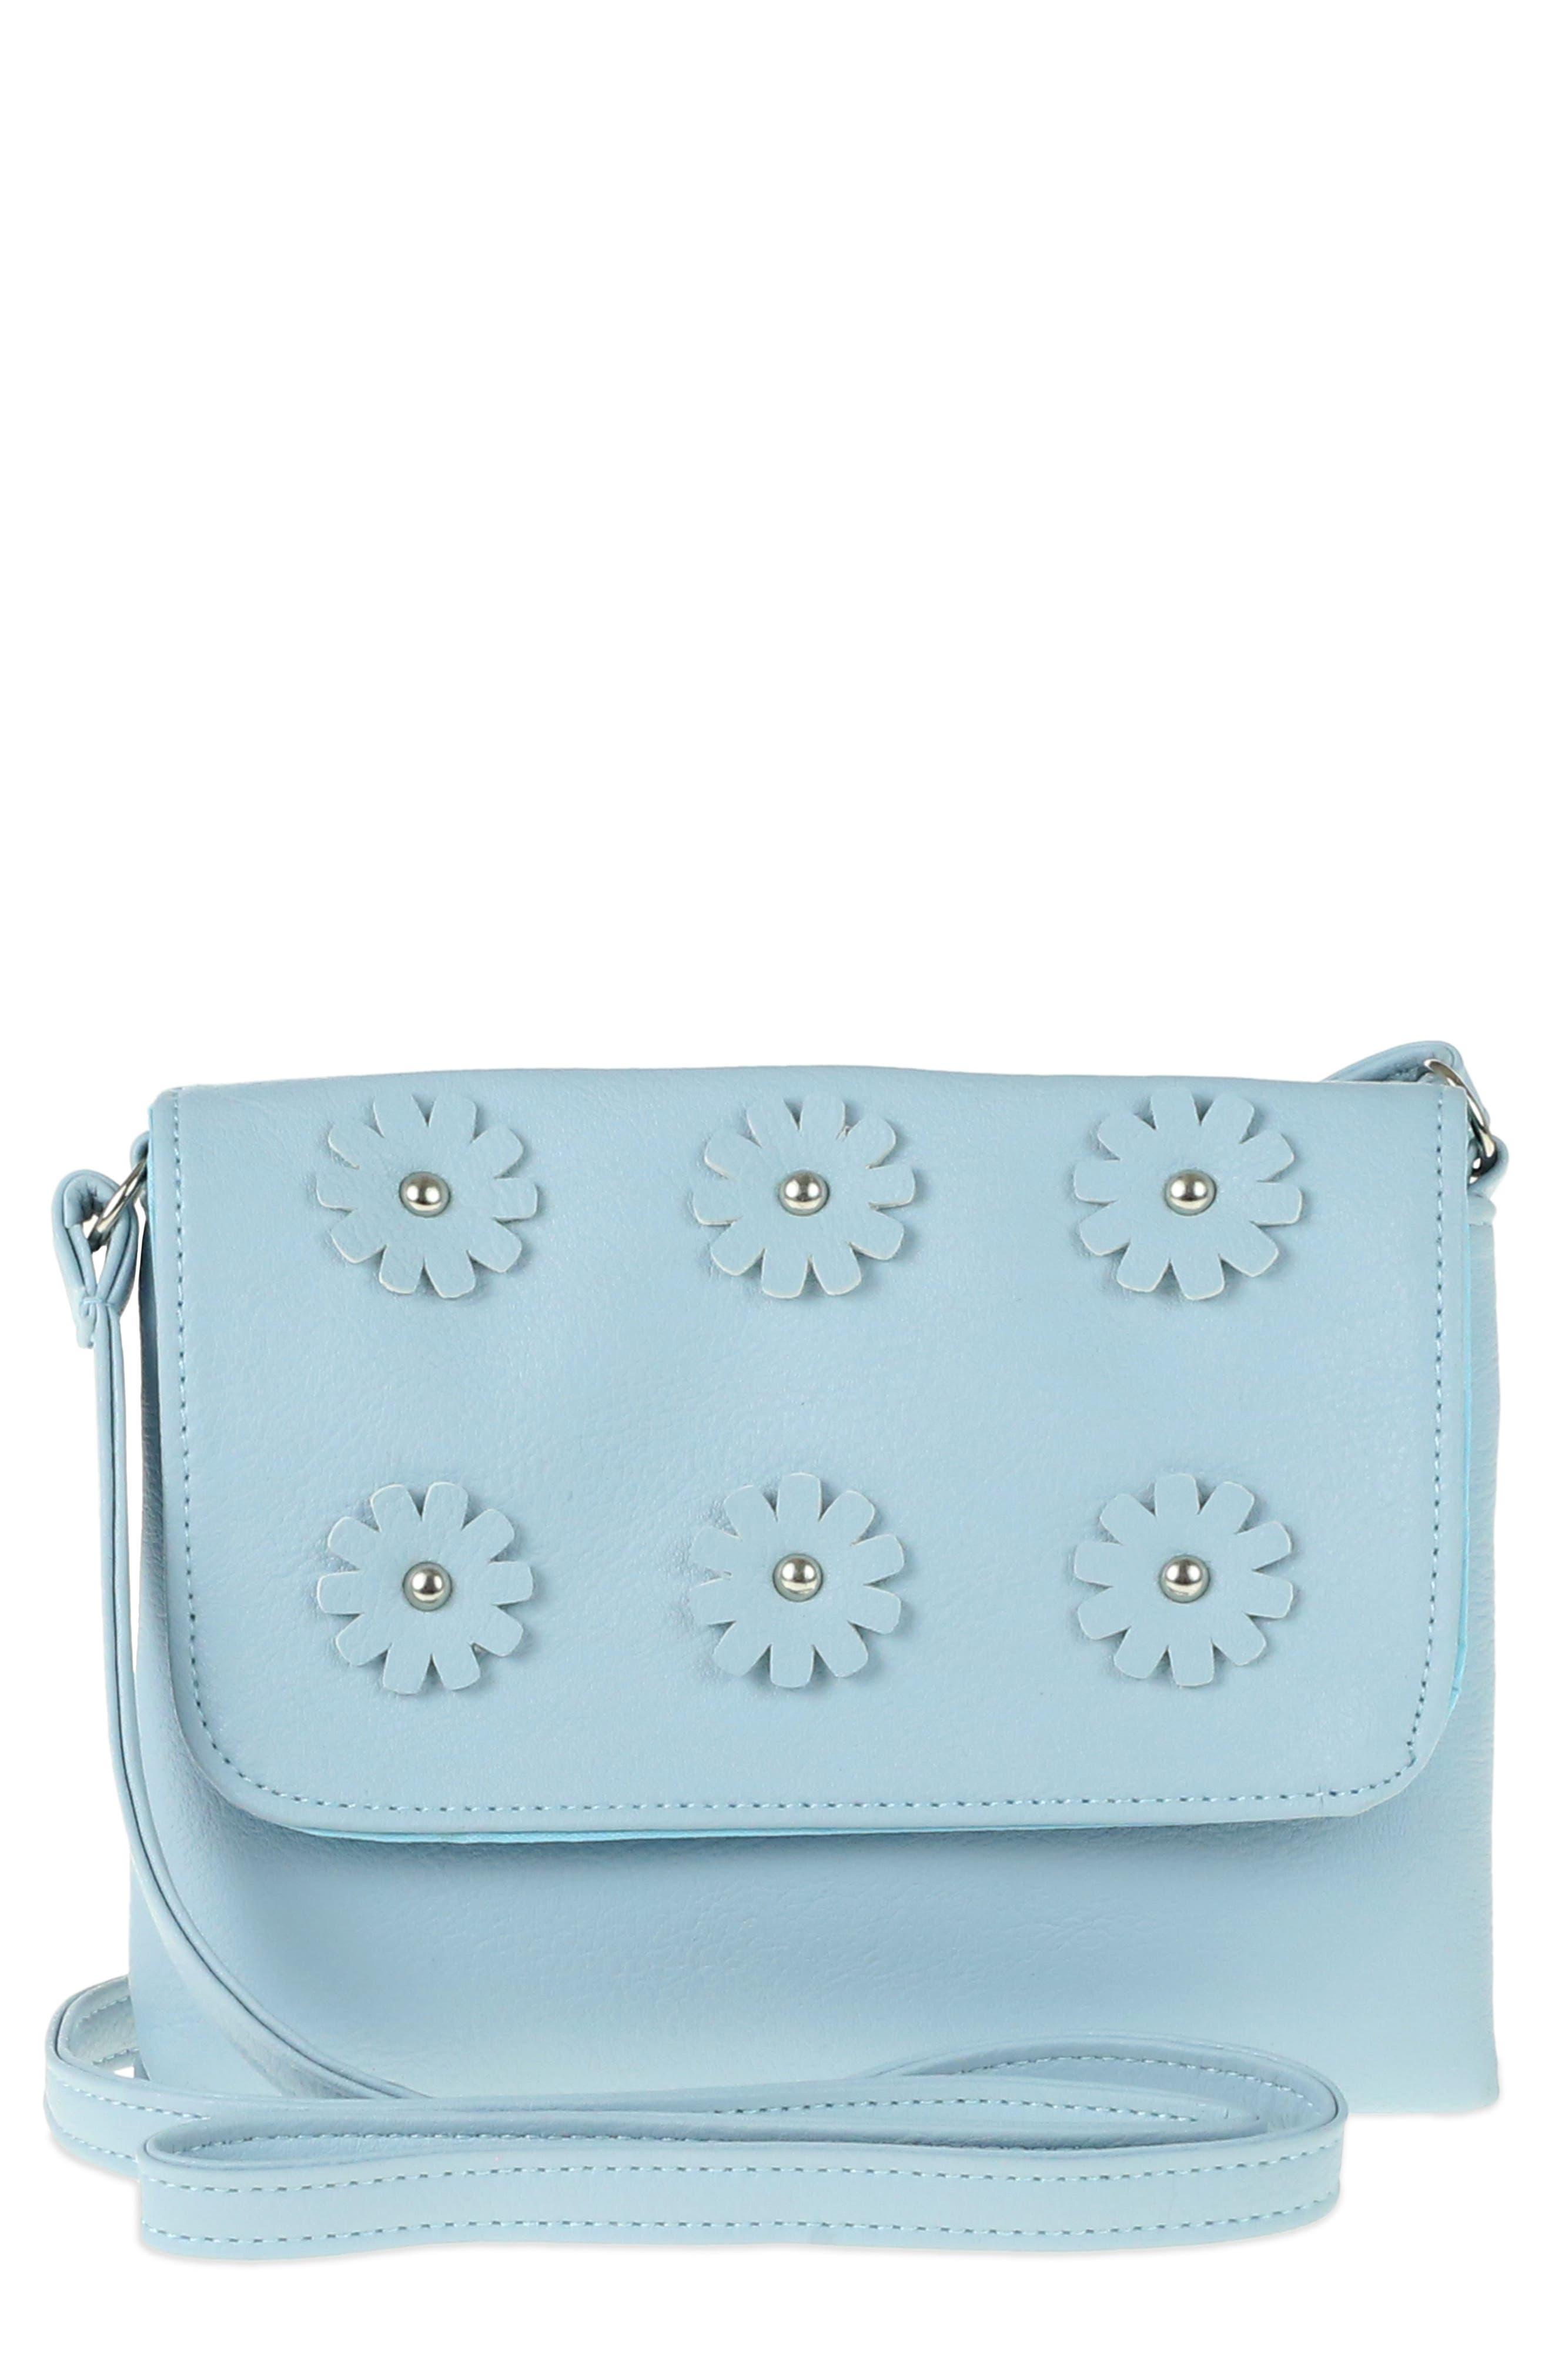 3D Flower Embellished Crossbody Bag,                         Main,                         color,